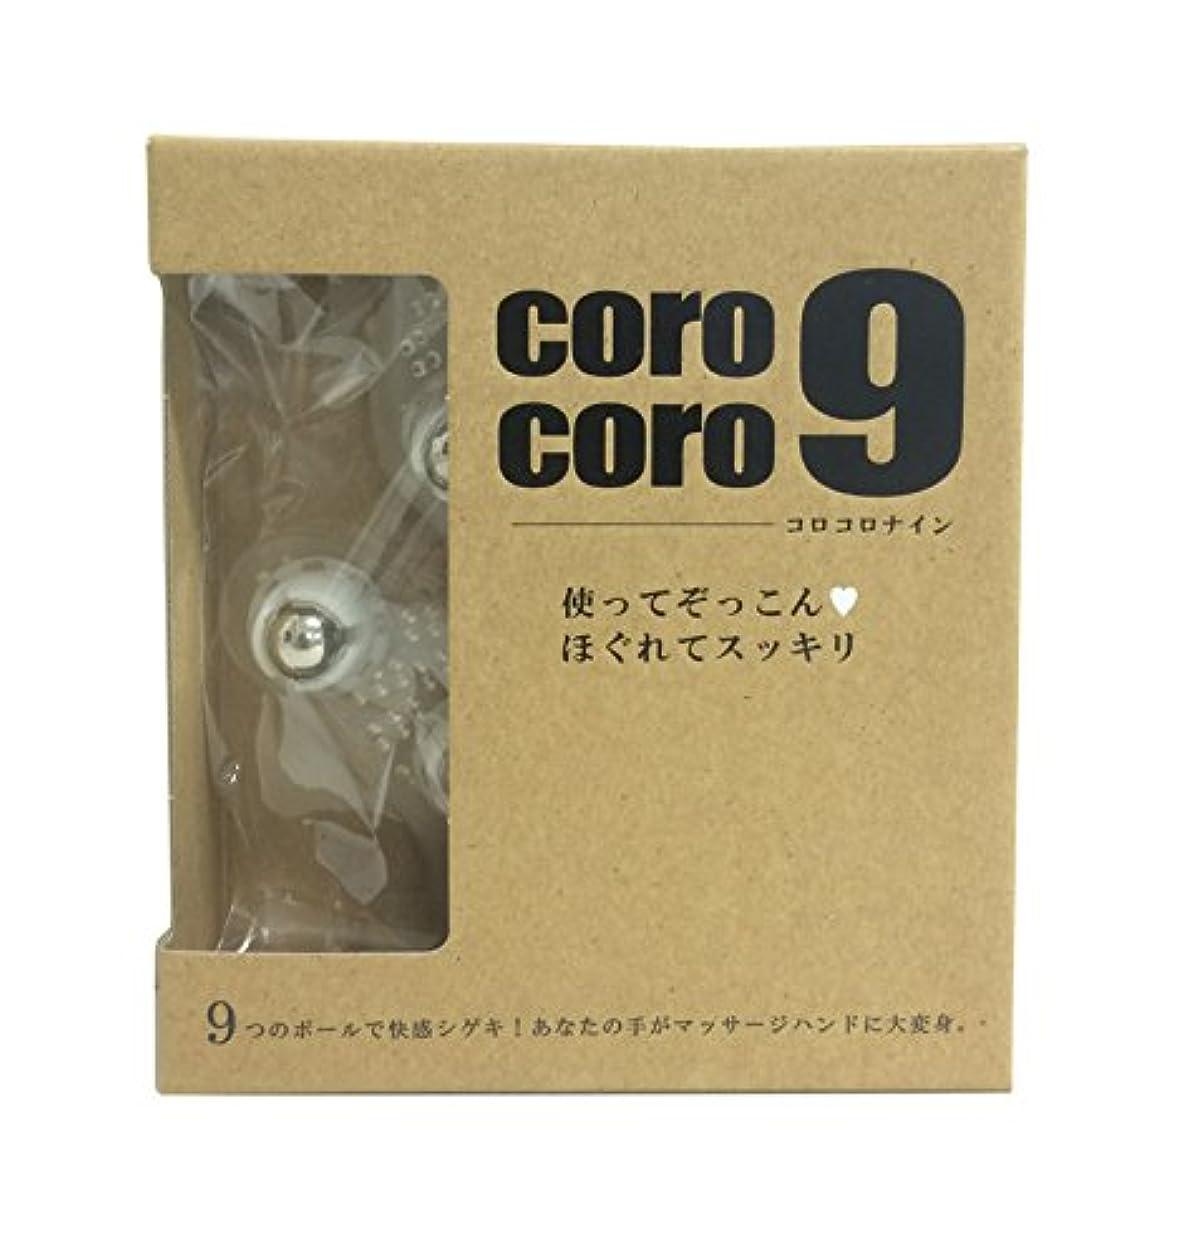 ブロックするカレンダー有害Reシリーズ CoroCoro9 クリア